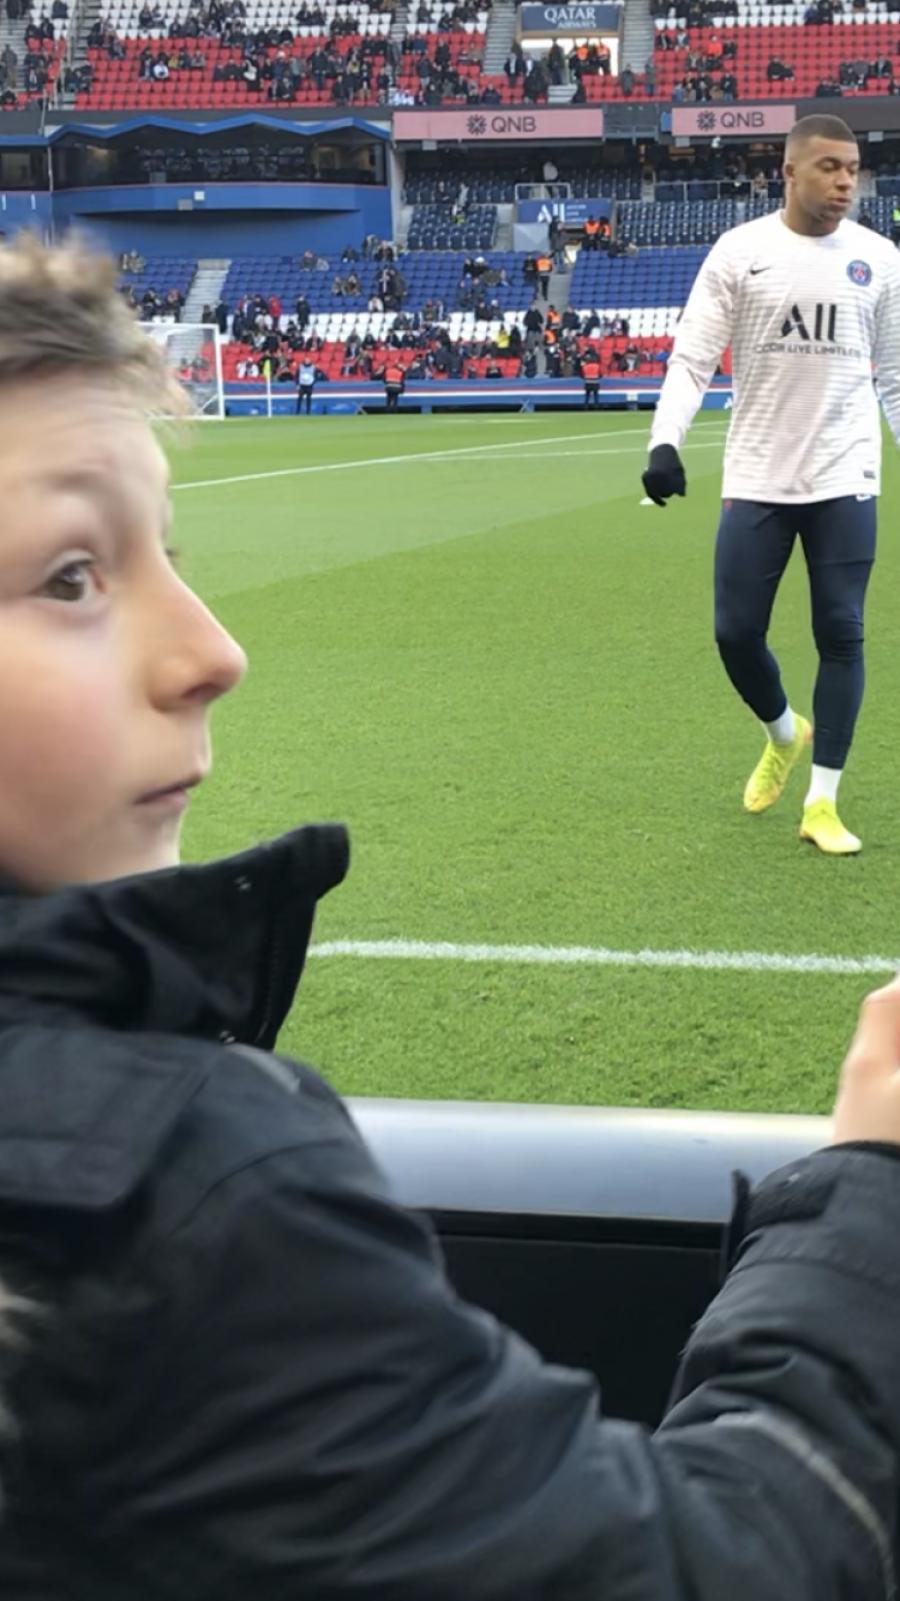 Yoan et sa journée magique avec les joueurs du PSG